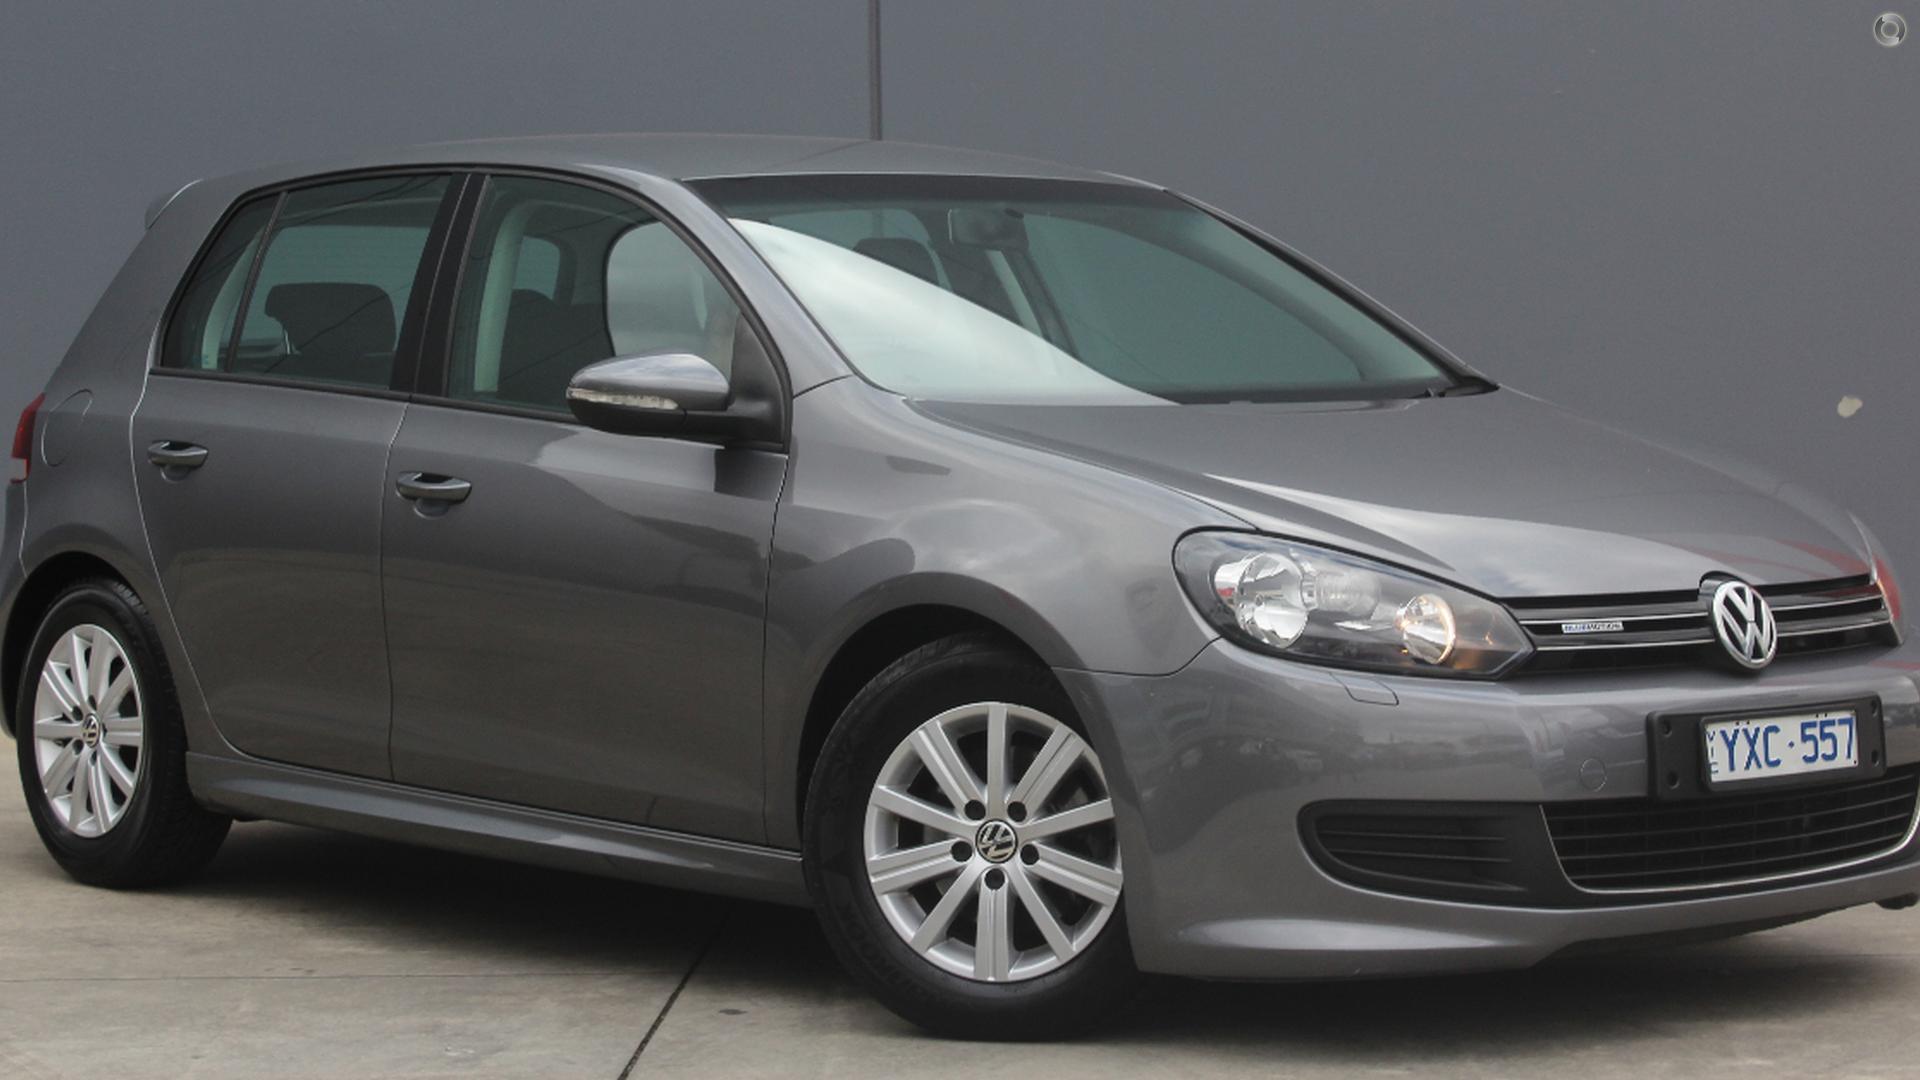 2011 Volkswagen Golf VI